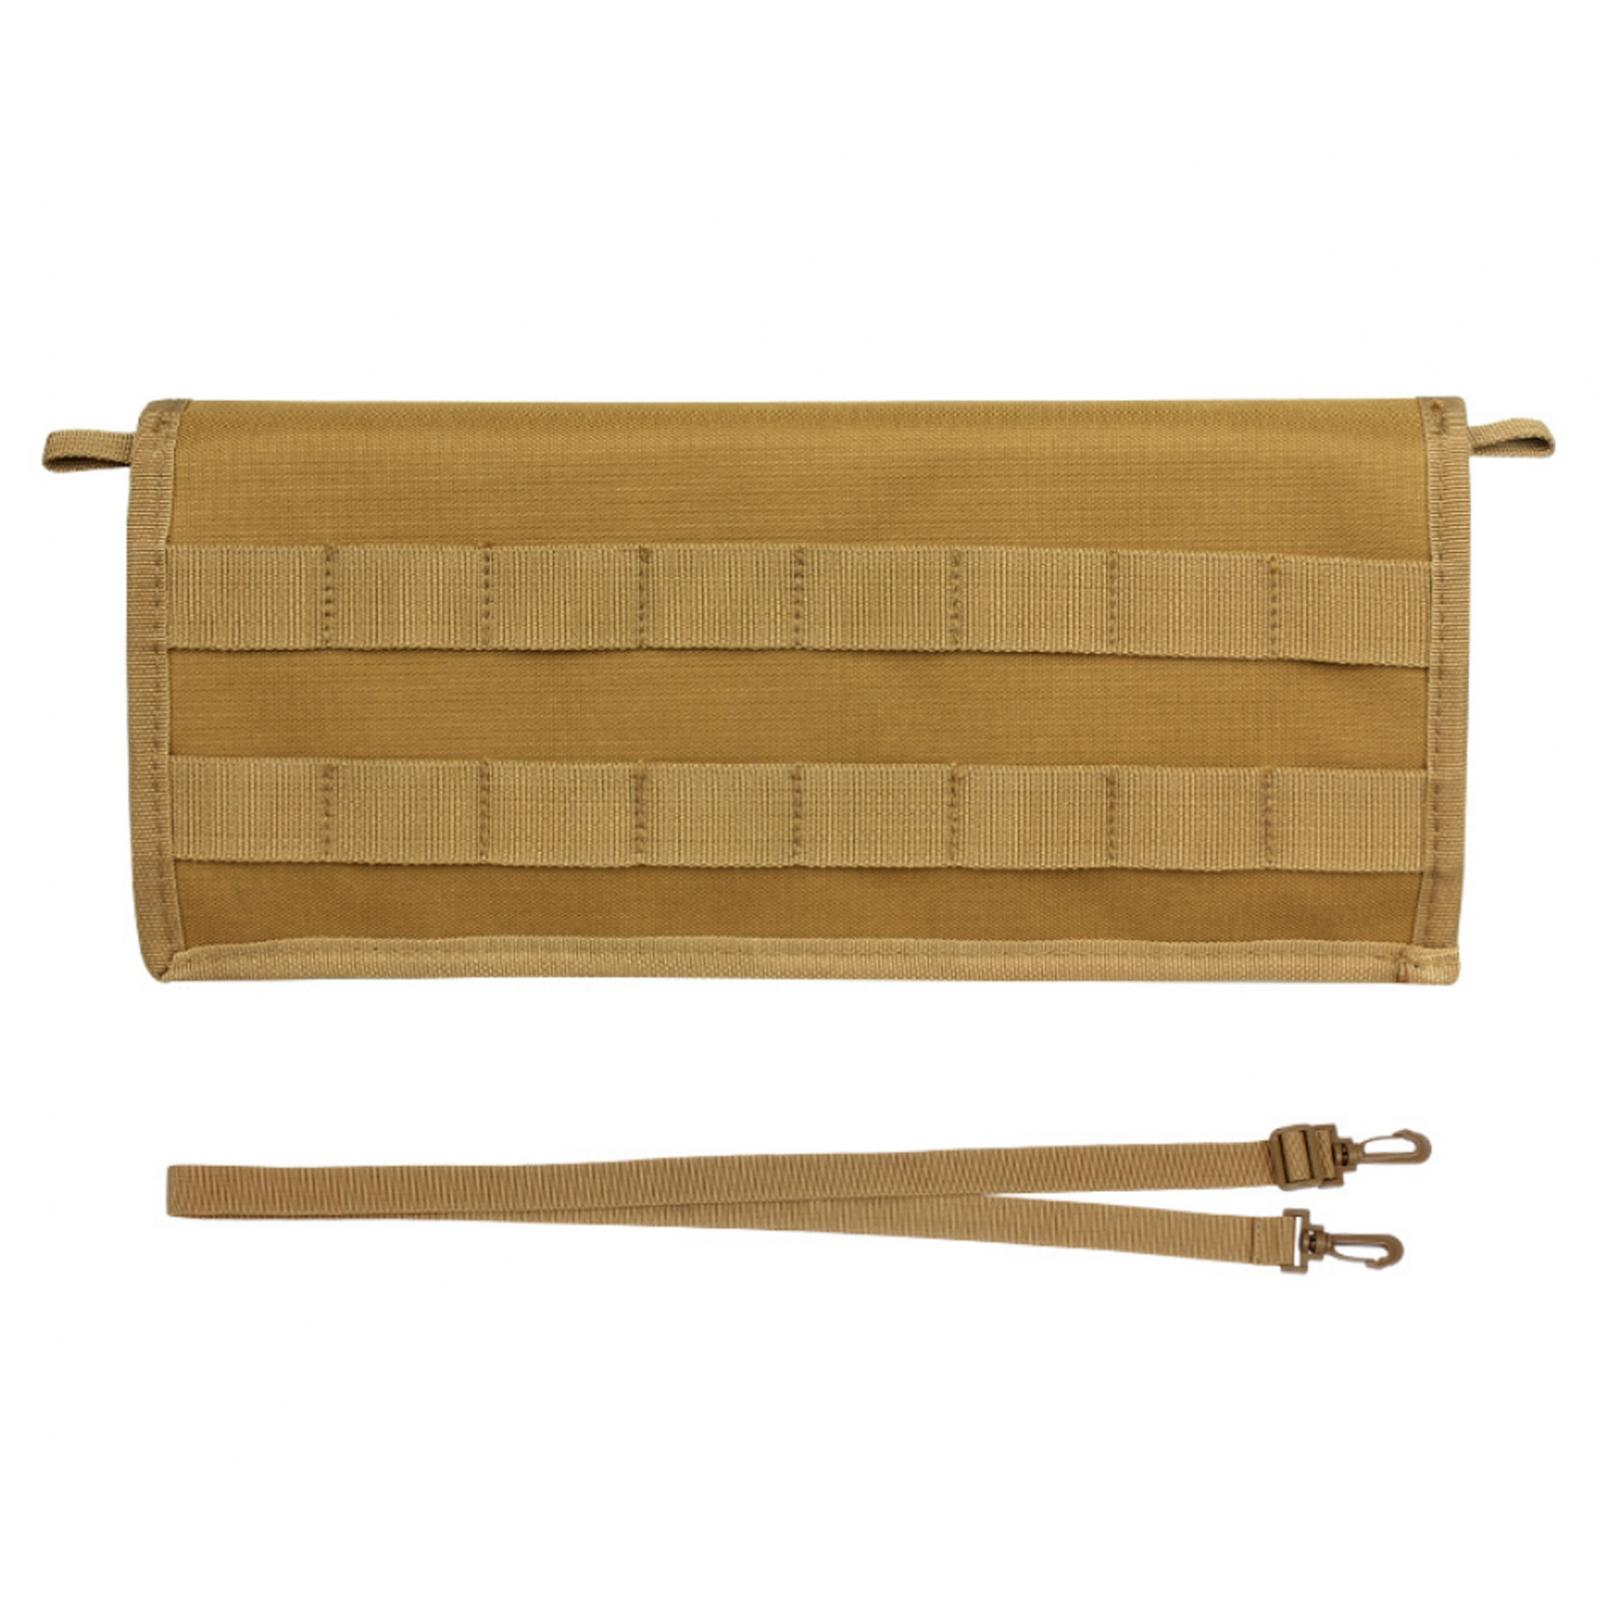 Большой подсумок с плечевым ремнем под магазины для пистолета (койот)